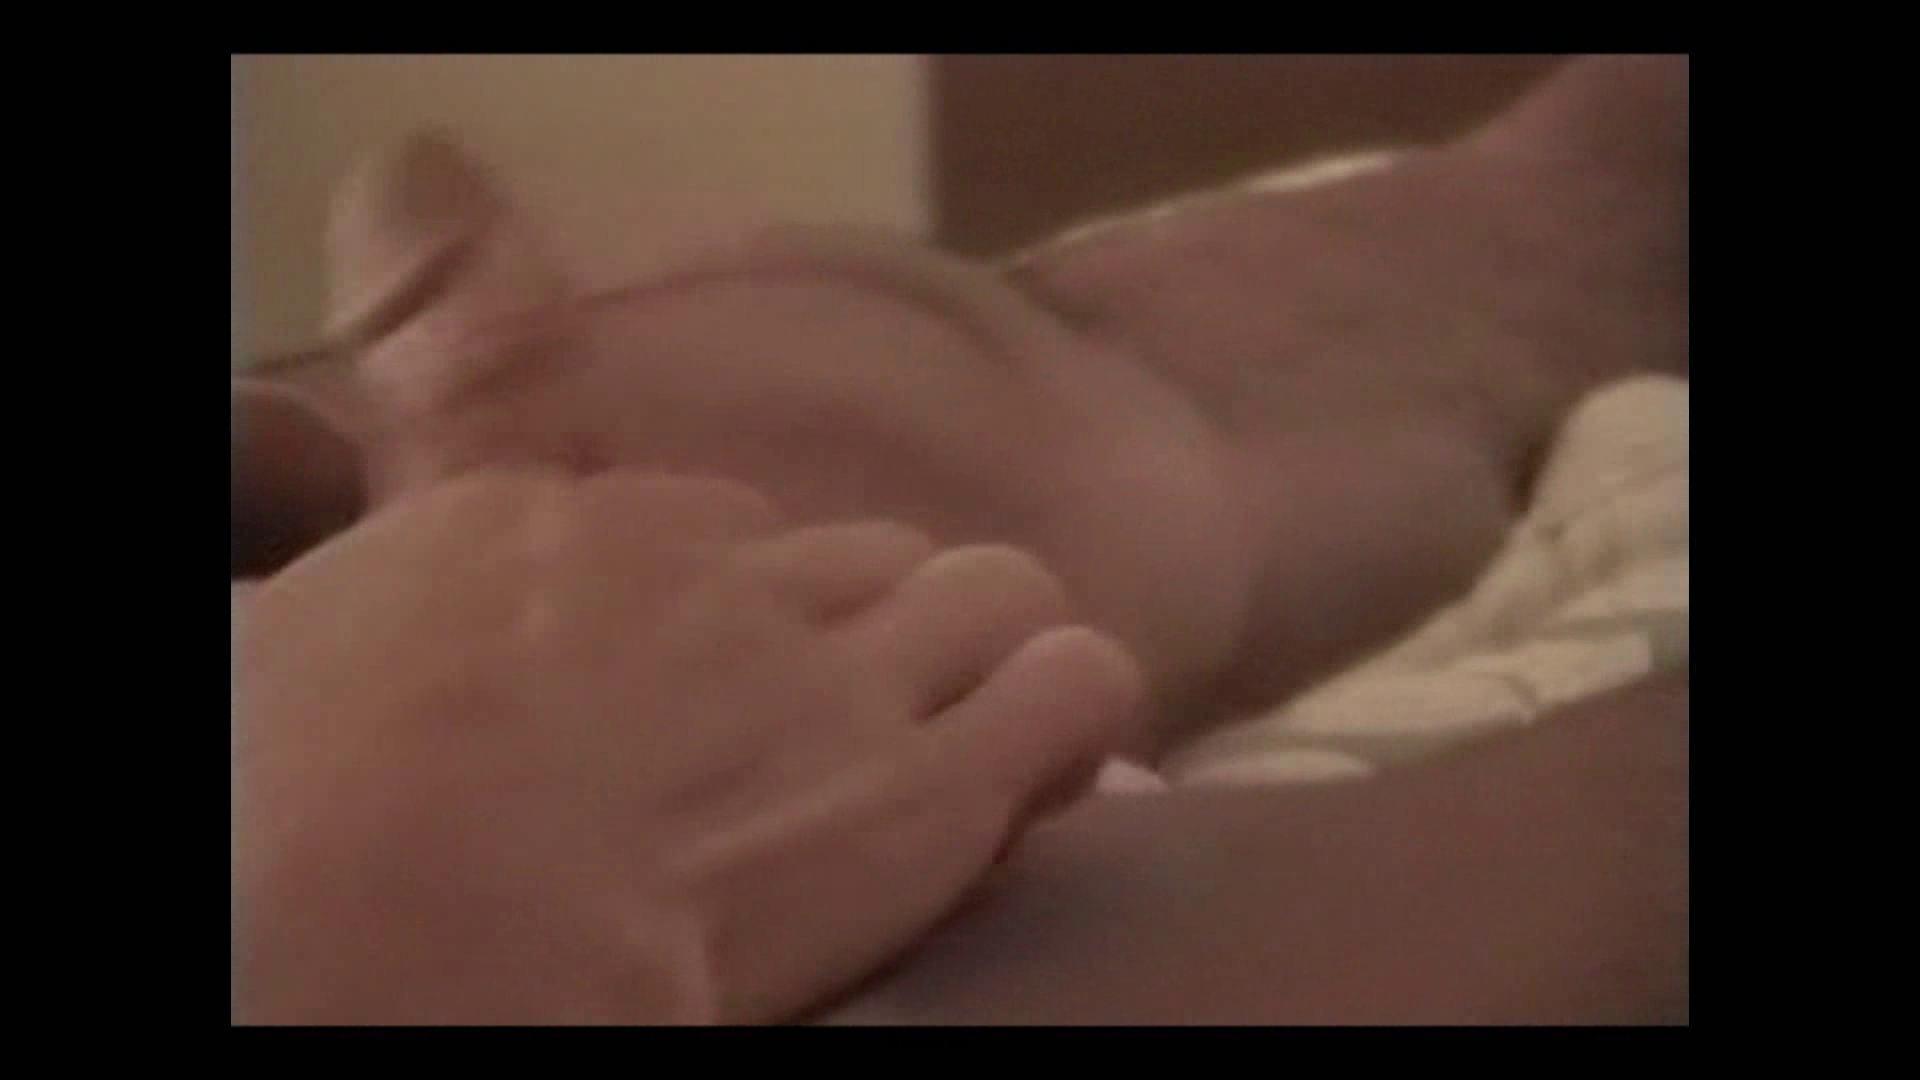 おまけ!阪神の優勝に興奮してイキ過ぎた行動をする男を口説きオナニー撮影 オナニー特集 | イケメンのsex  80pic 33